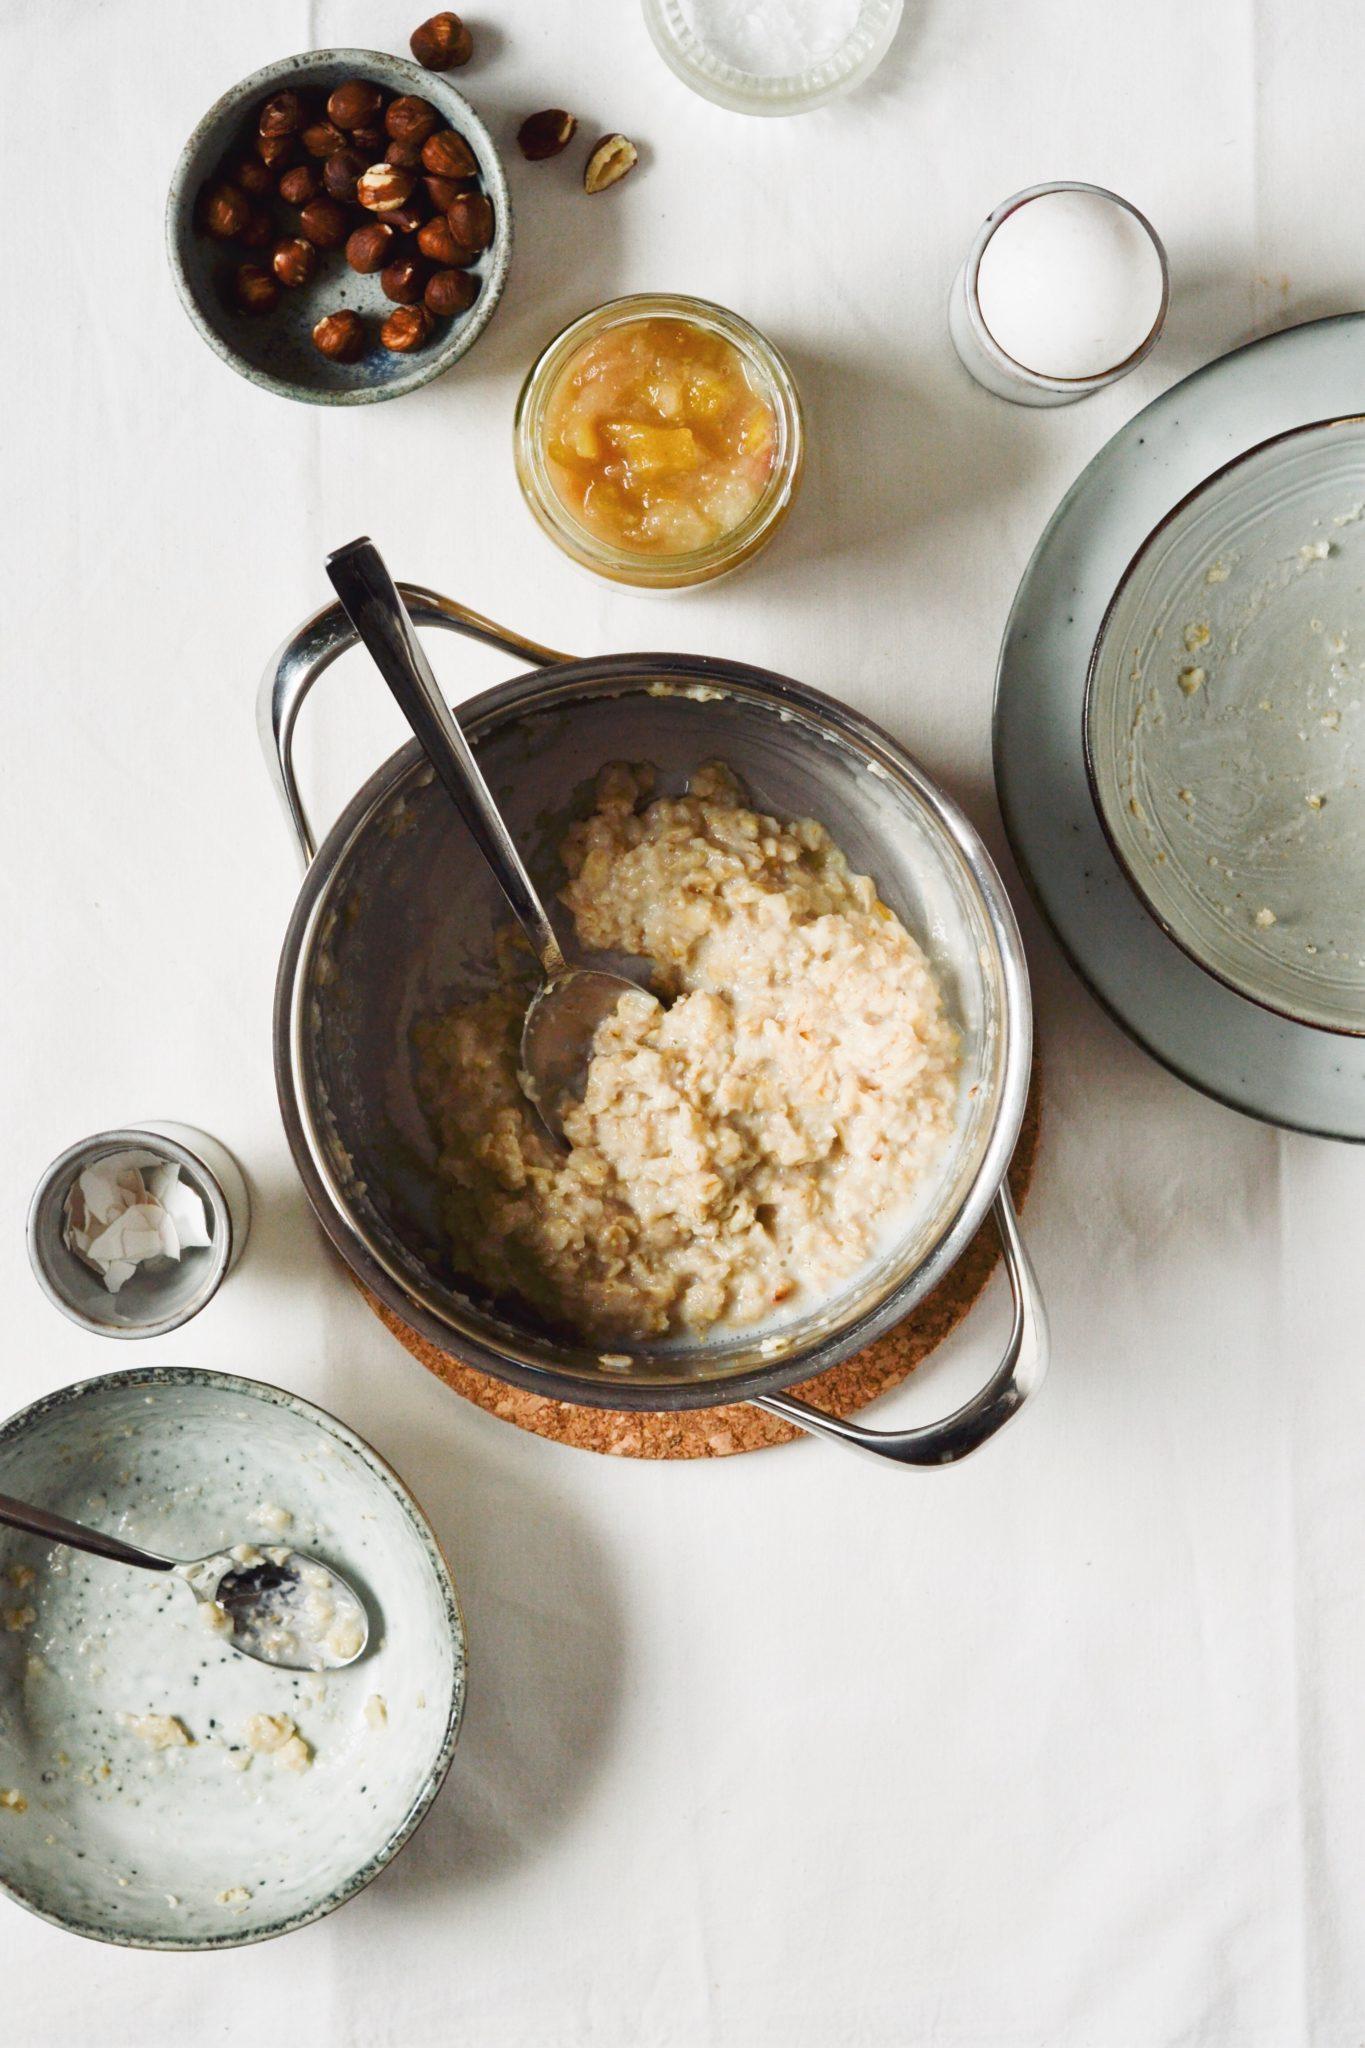 klatkager laver med havregrød - havregrødspandekager af rester